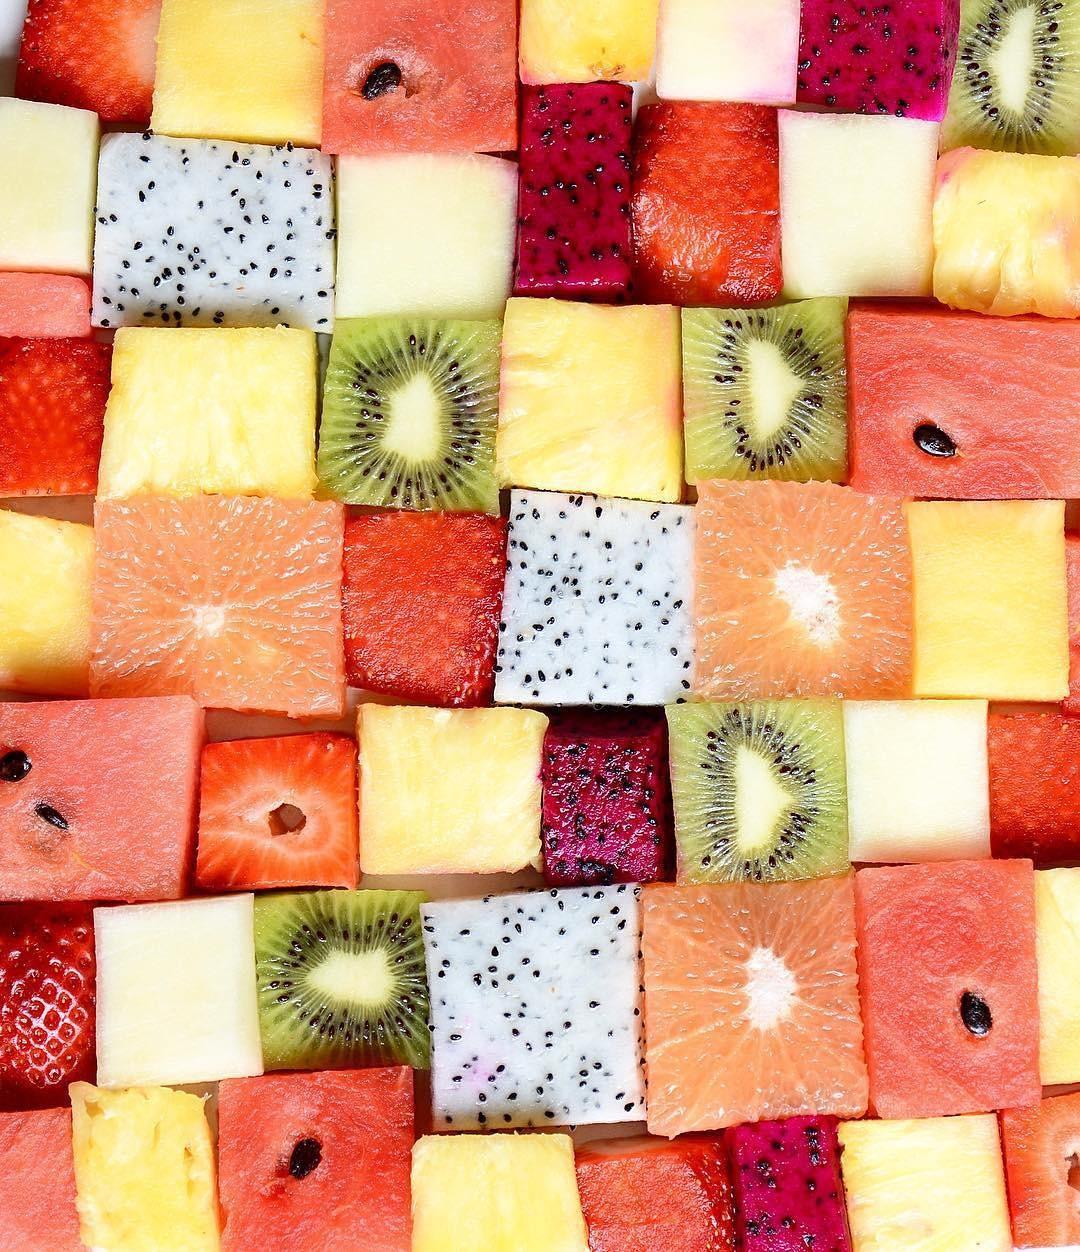 Frutas, frutas e mais frutas (Foto: Instagram/Reprodução)